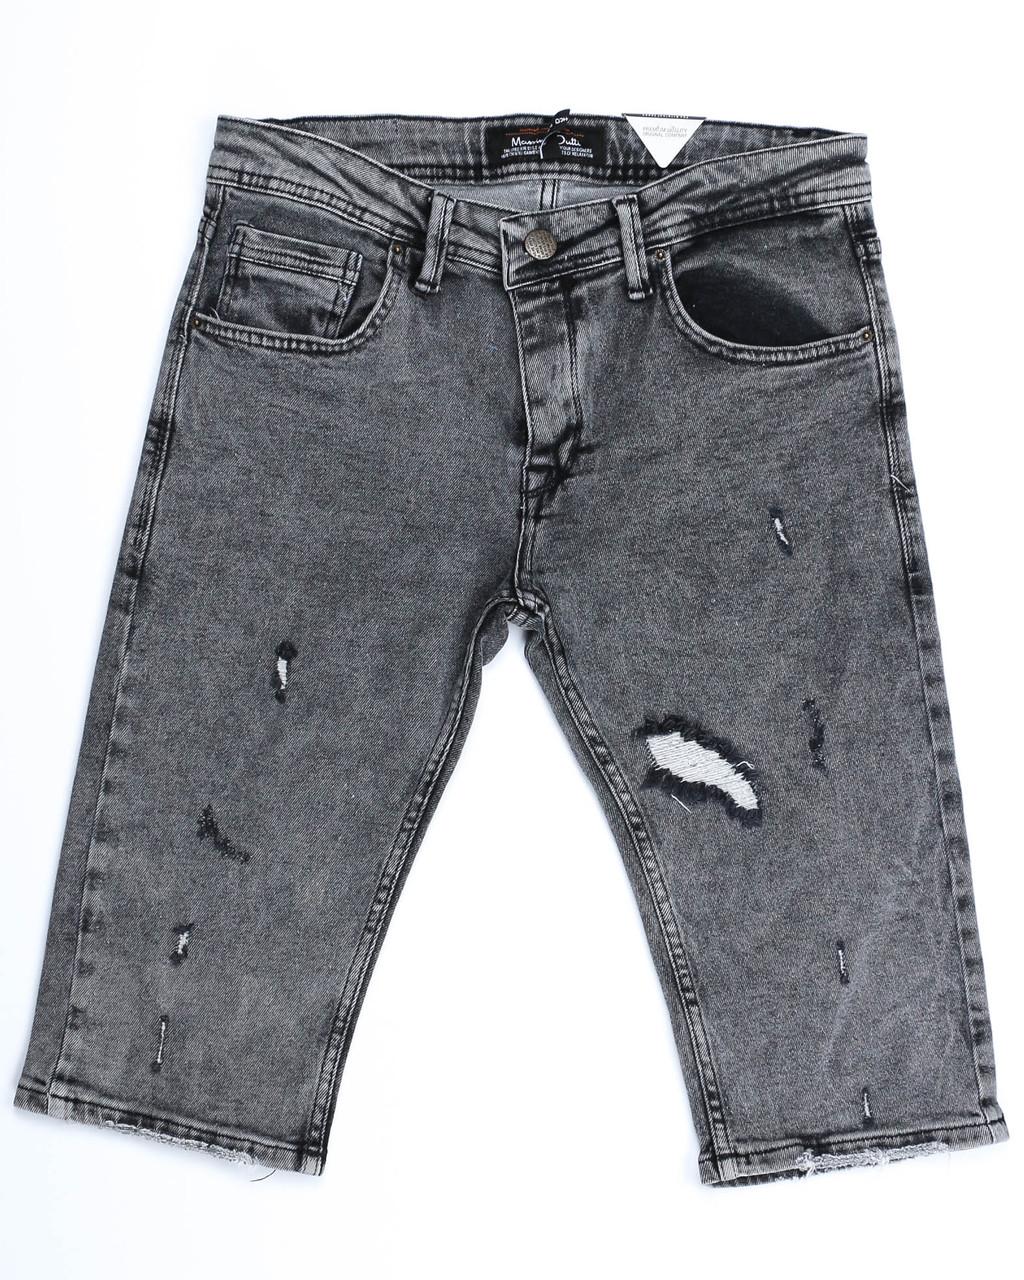 Бриджи джинс т серый MARIO MASSIMO DUTTI рваные FUME 29(Р) 0108